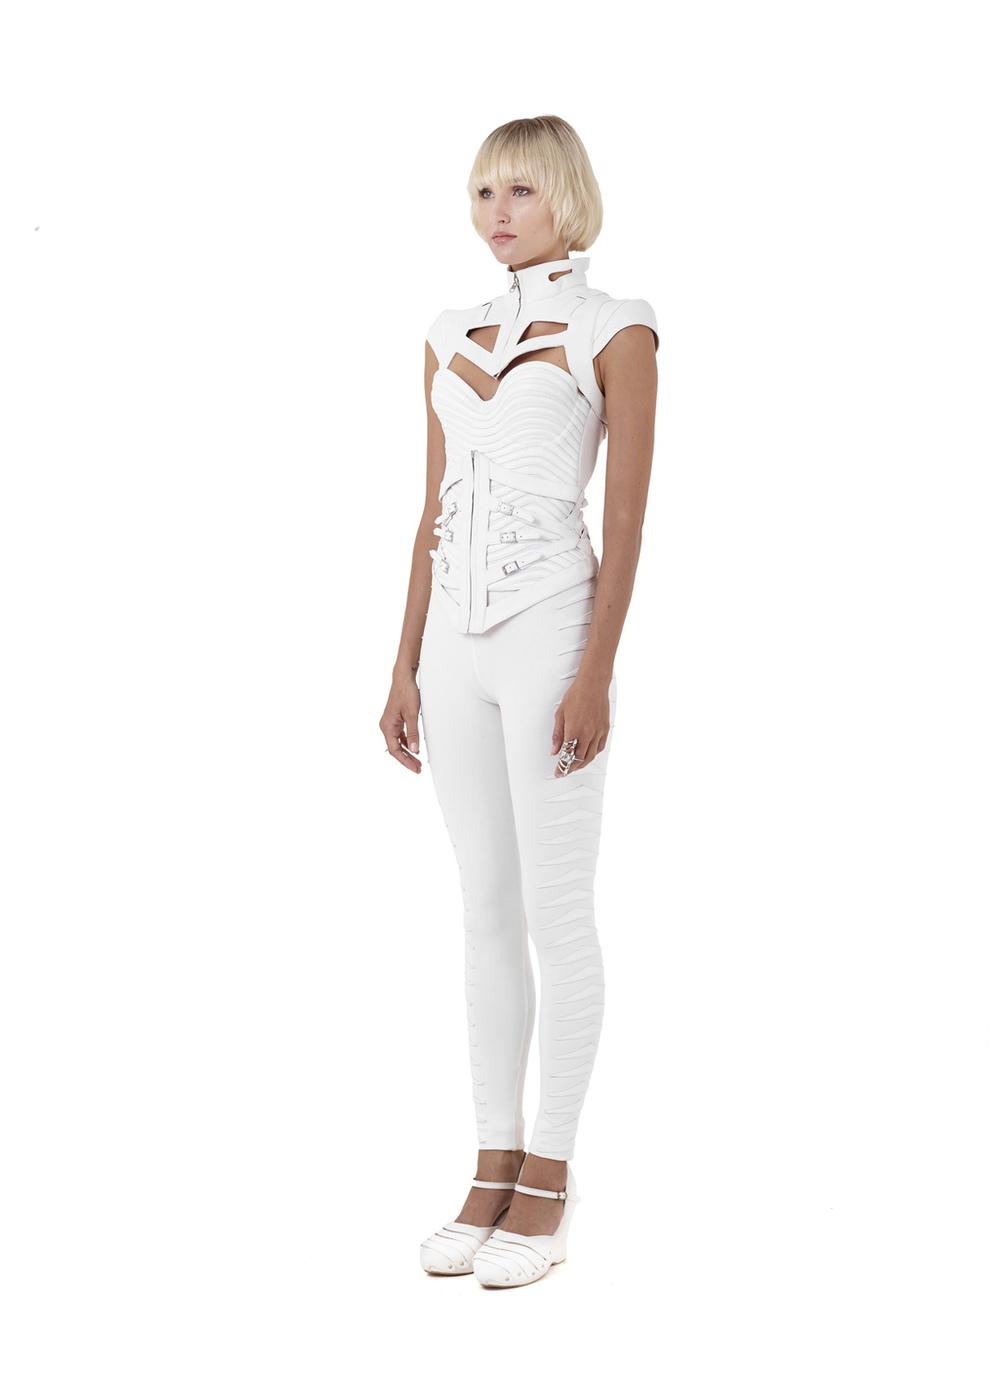 Quartz shoulders, Obsidian corset, Quartz corset & Rhys pants